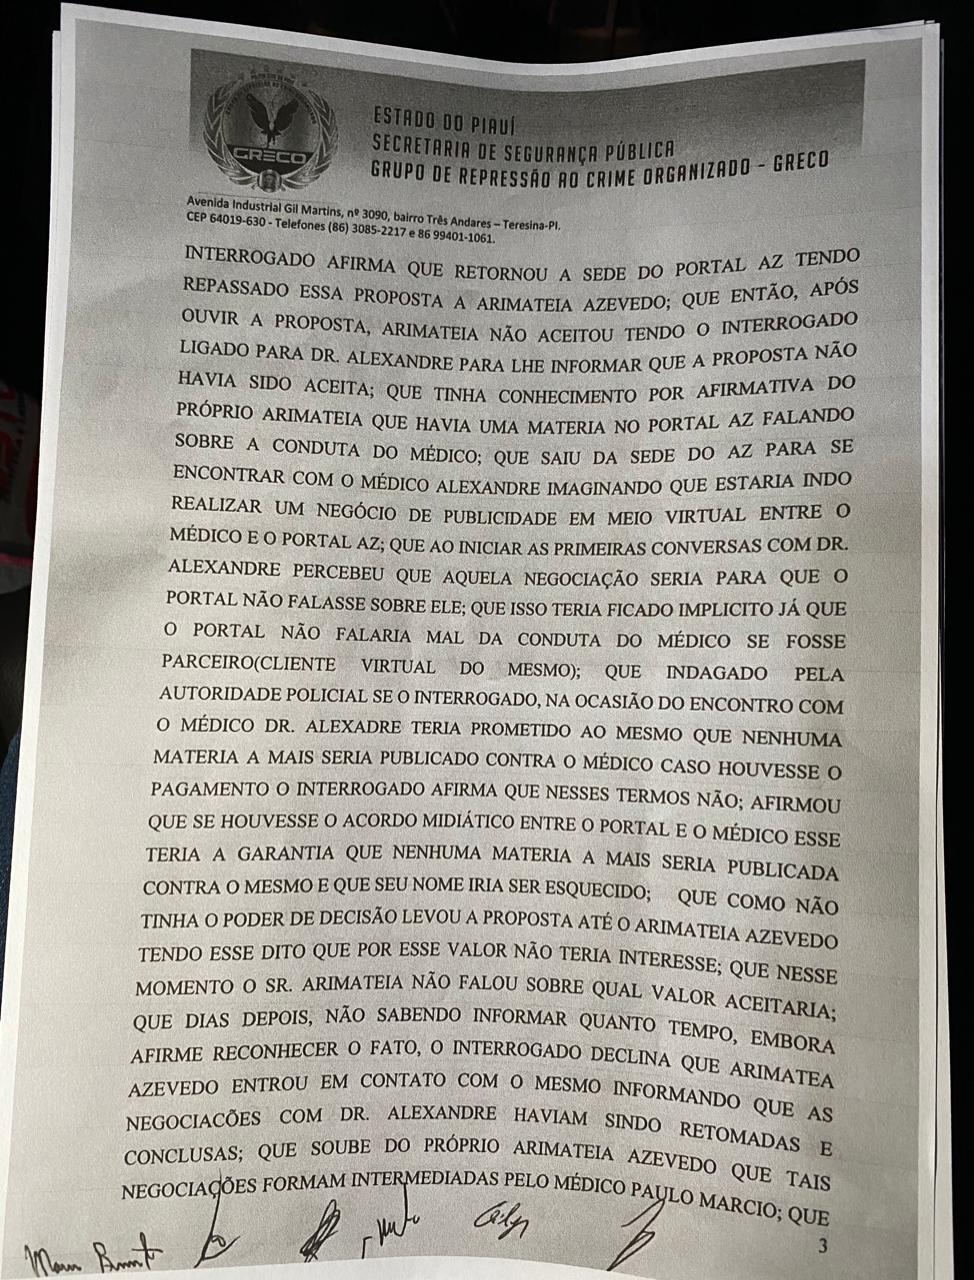 Arimateia Azevedo: Veja delação feita pelo professor Francisco Barreto - Imagem 5